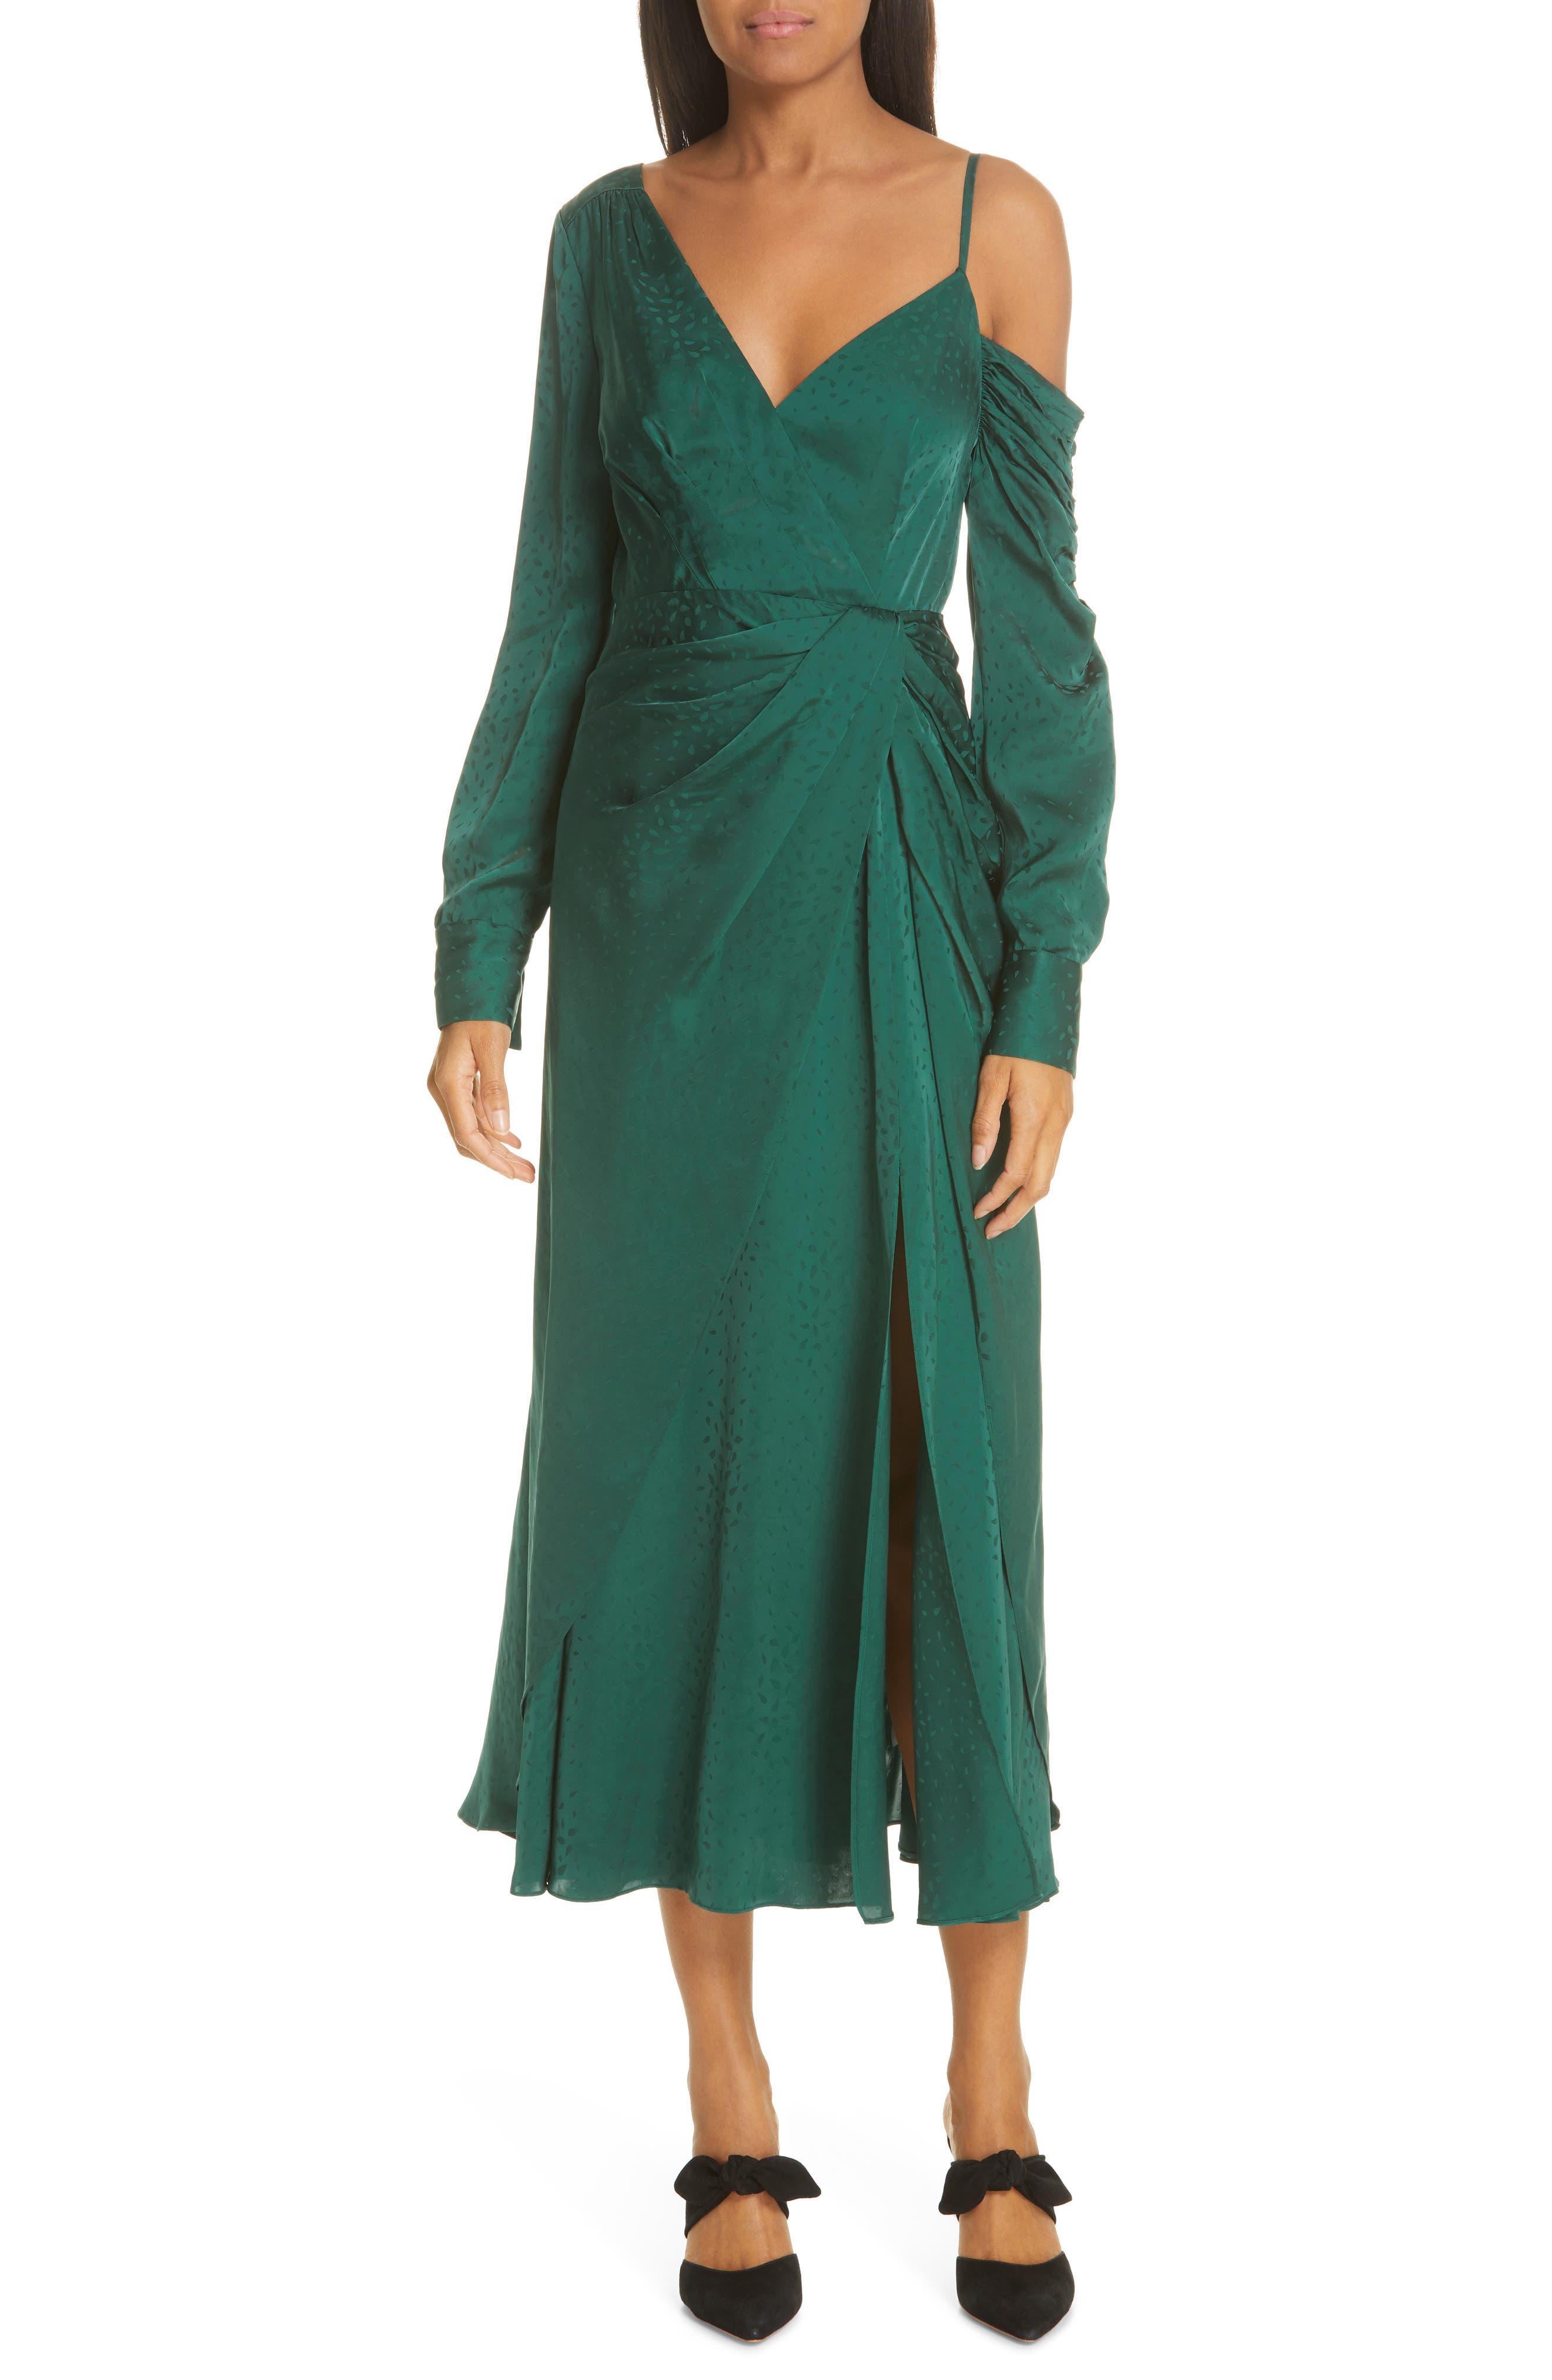 Self-Portrait Asymmetrical Jacquard Dress, Green